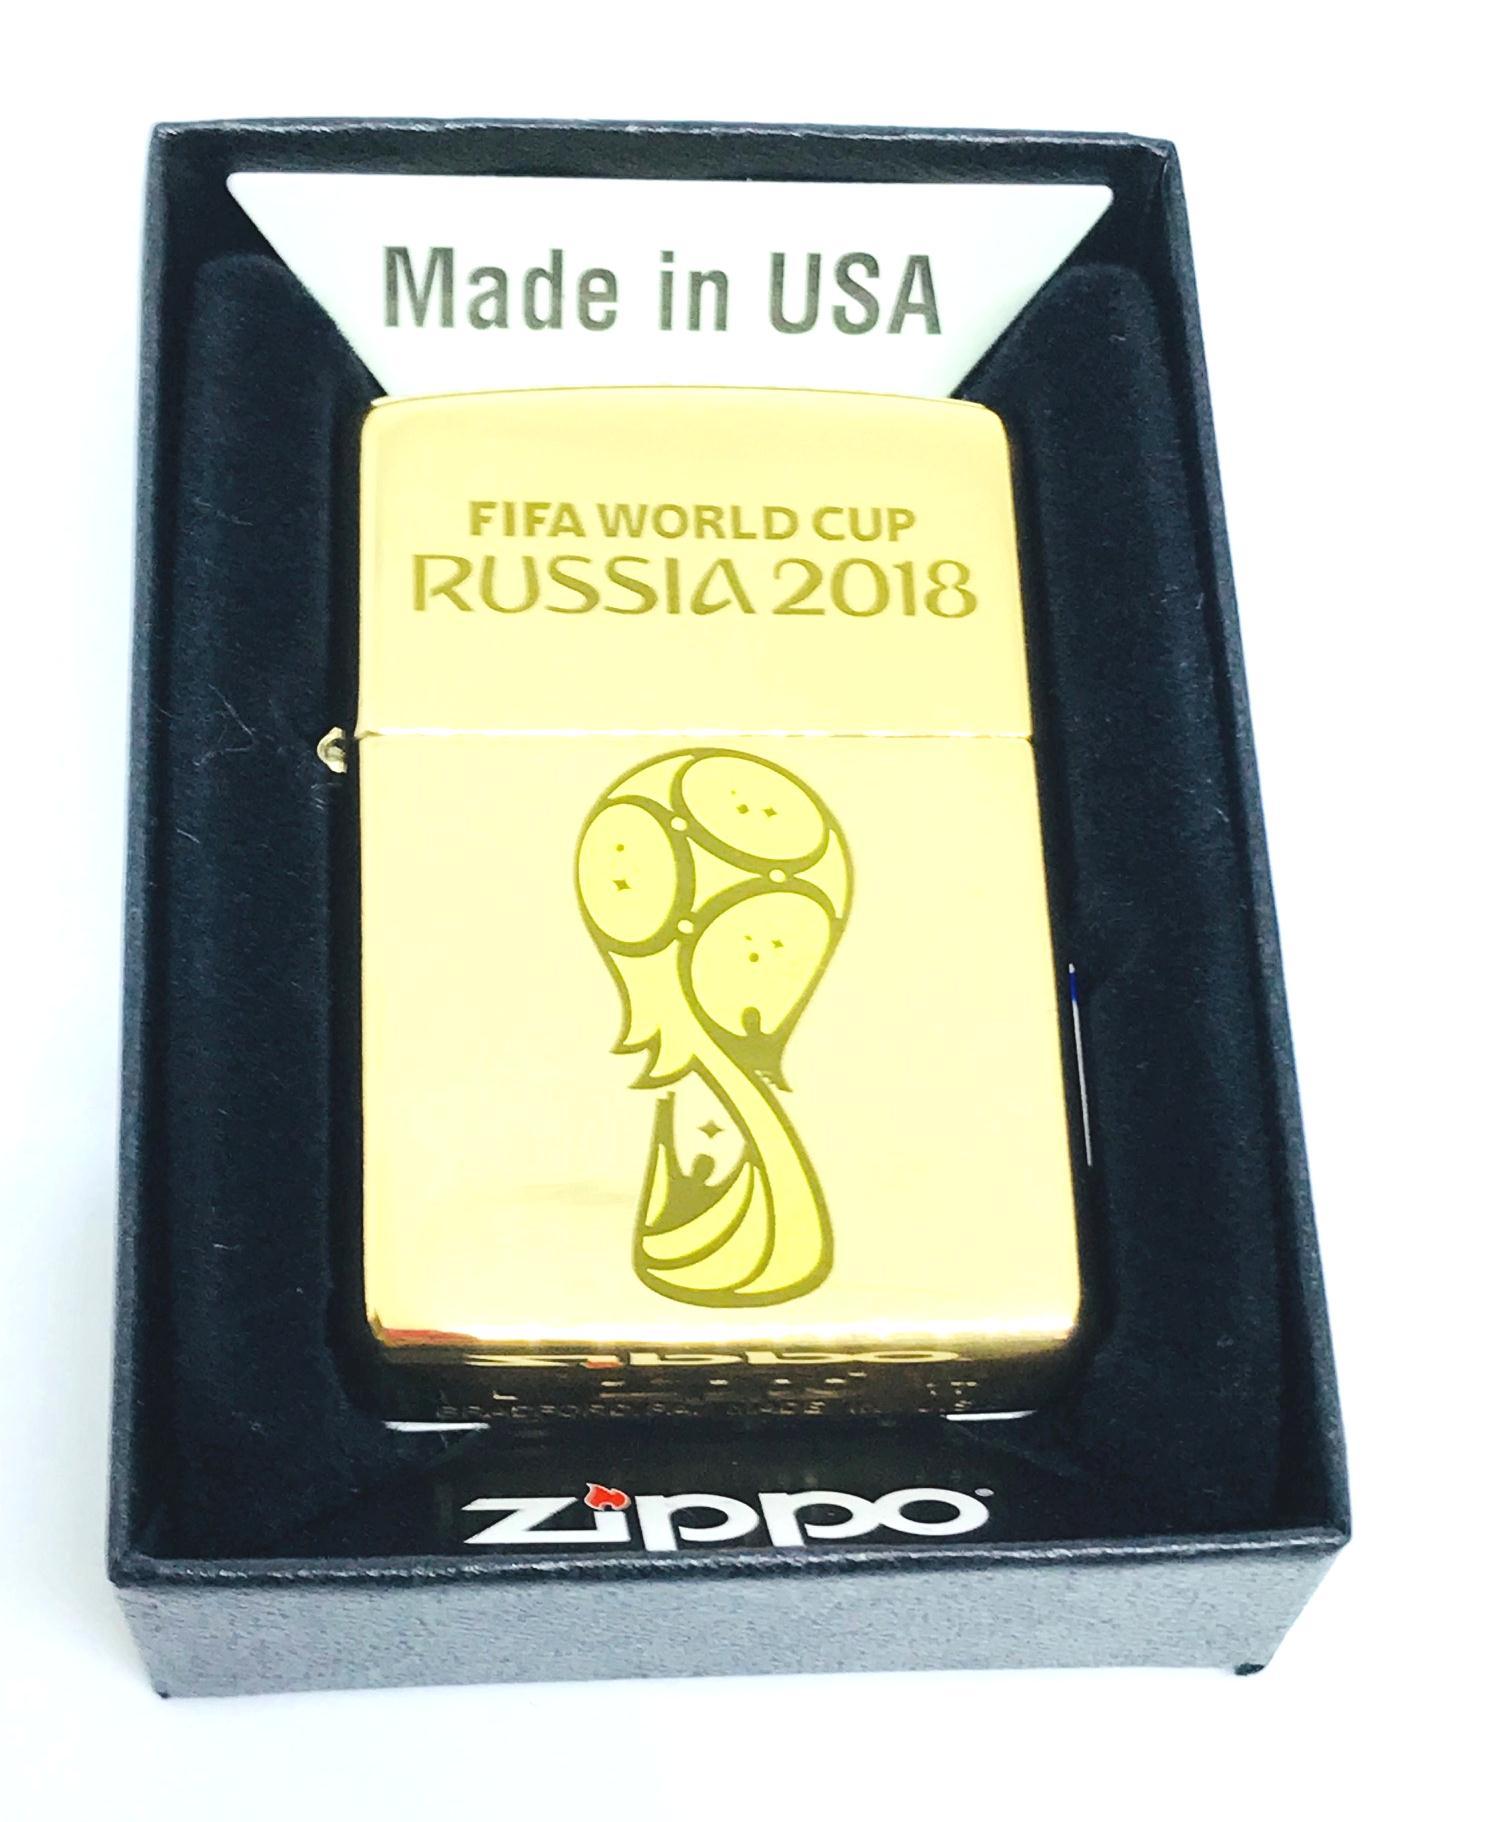 Bat lua zippo usa vang bong khac laze FIFA WORLD CUP Z599